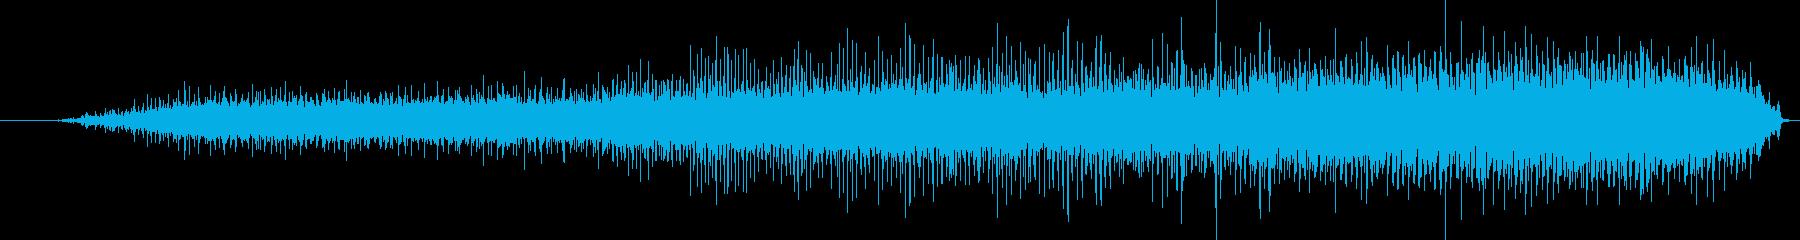 小さなミニ丸型ハンドソー:のこぎり...の再生済みの波形